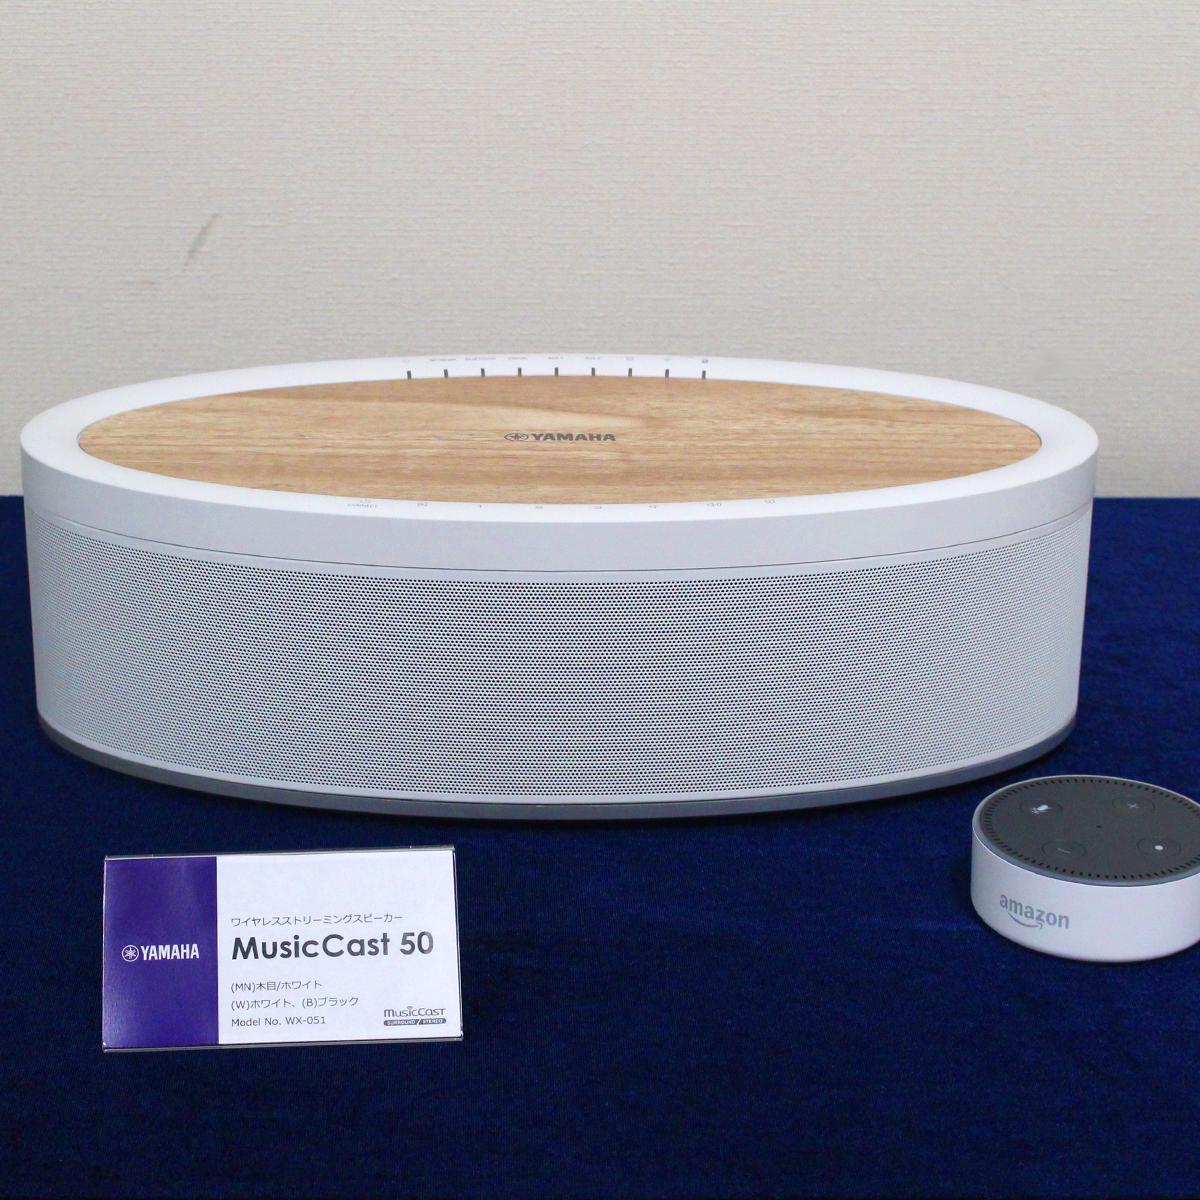 """Amazon Alexa連携も! ヤマハ独自の""""MusicCast""""オーディオ2018年モデル一挙紹介"""